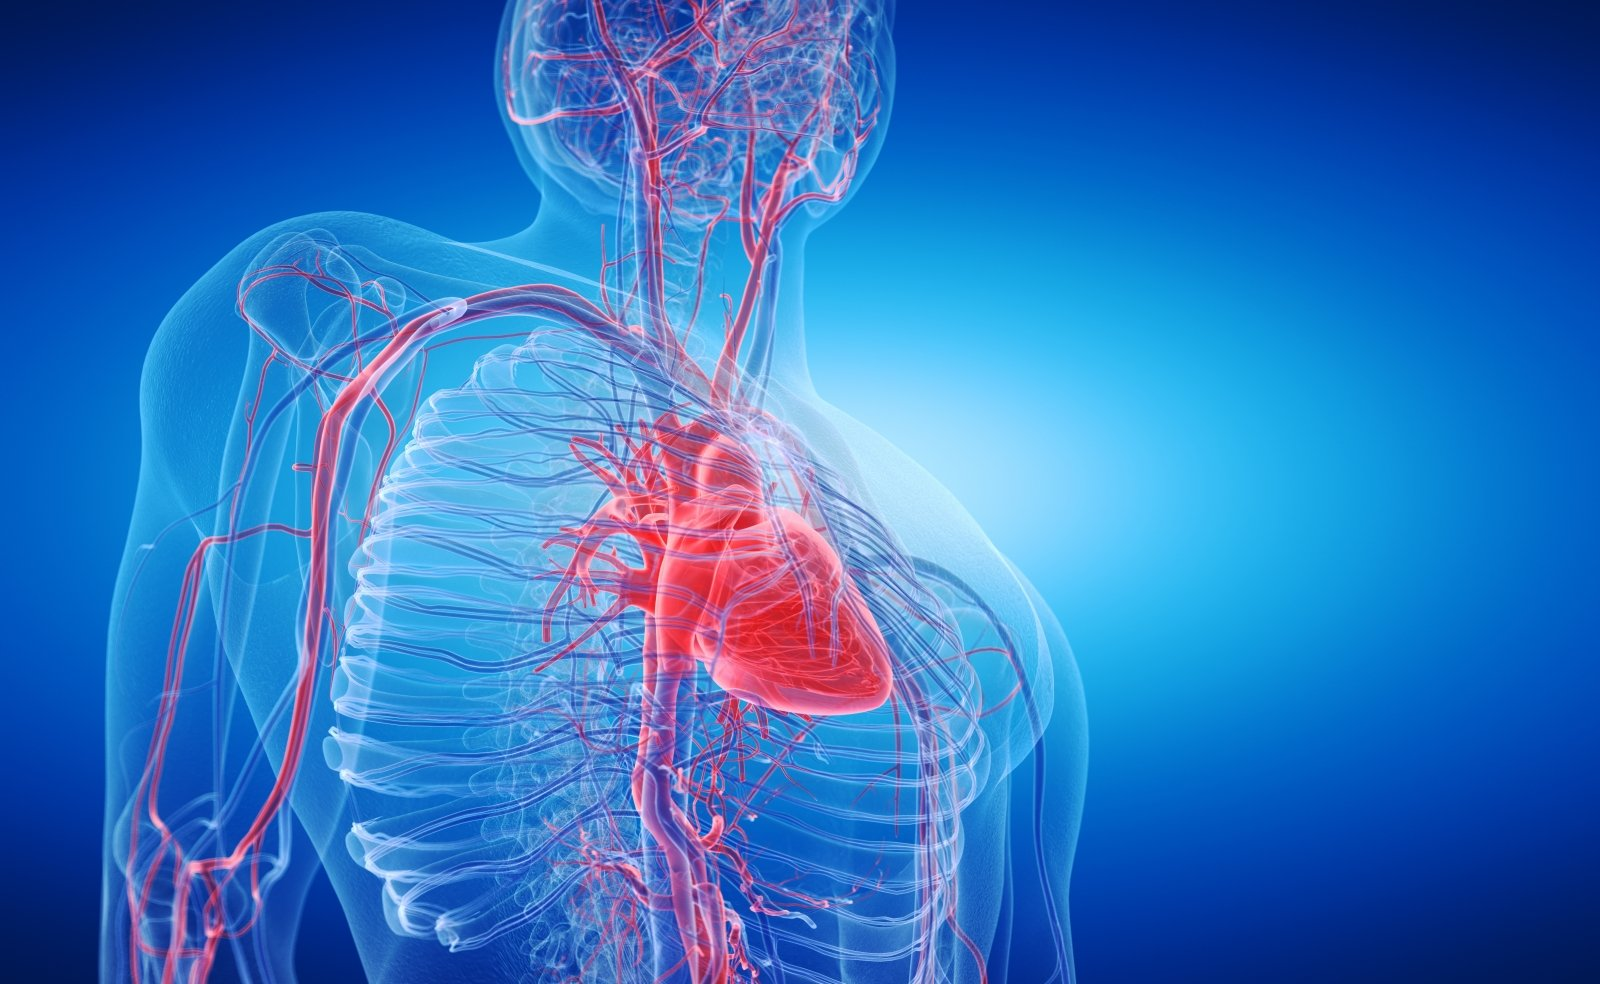 2 laipsnio hipertenzija, ar ji yra mobilizuojama